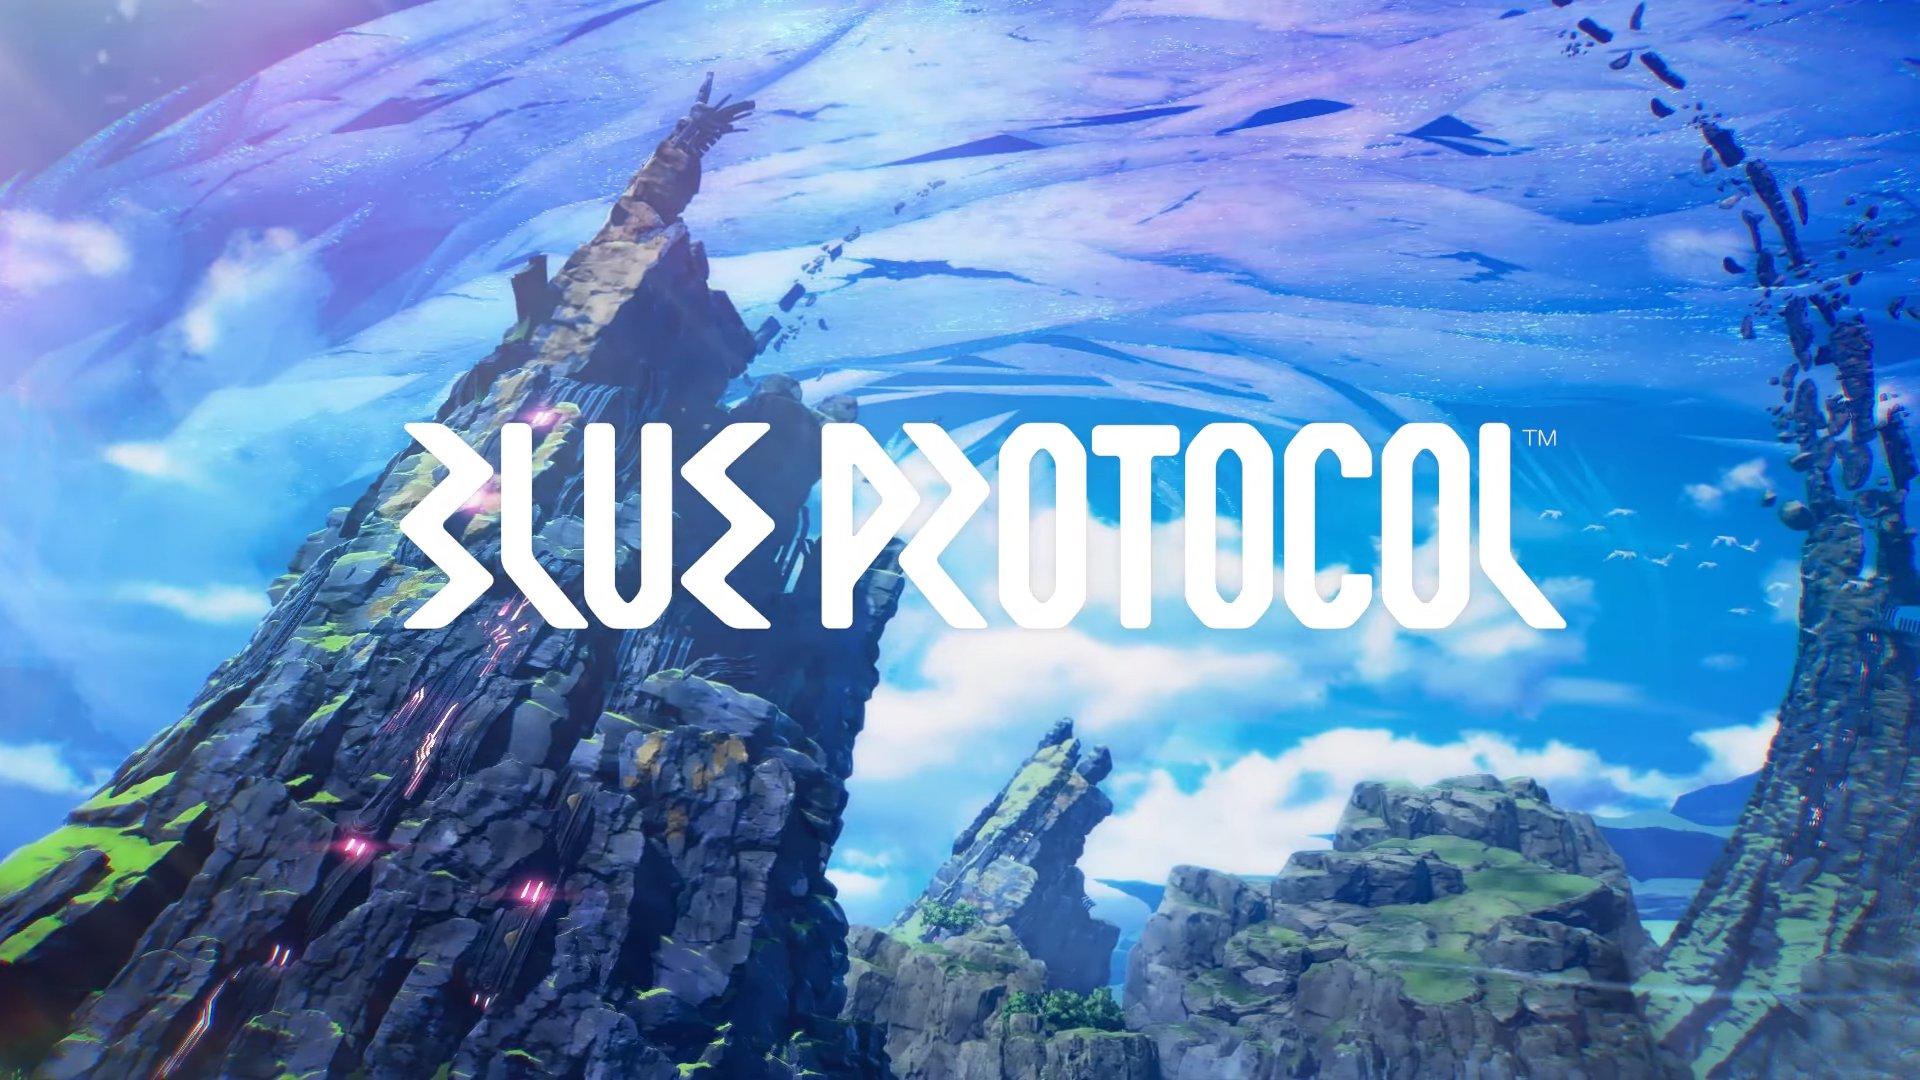 【悲報】新作PCアクションMMORPG、ブループロトコルの続報が一向に来ない